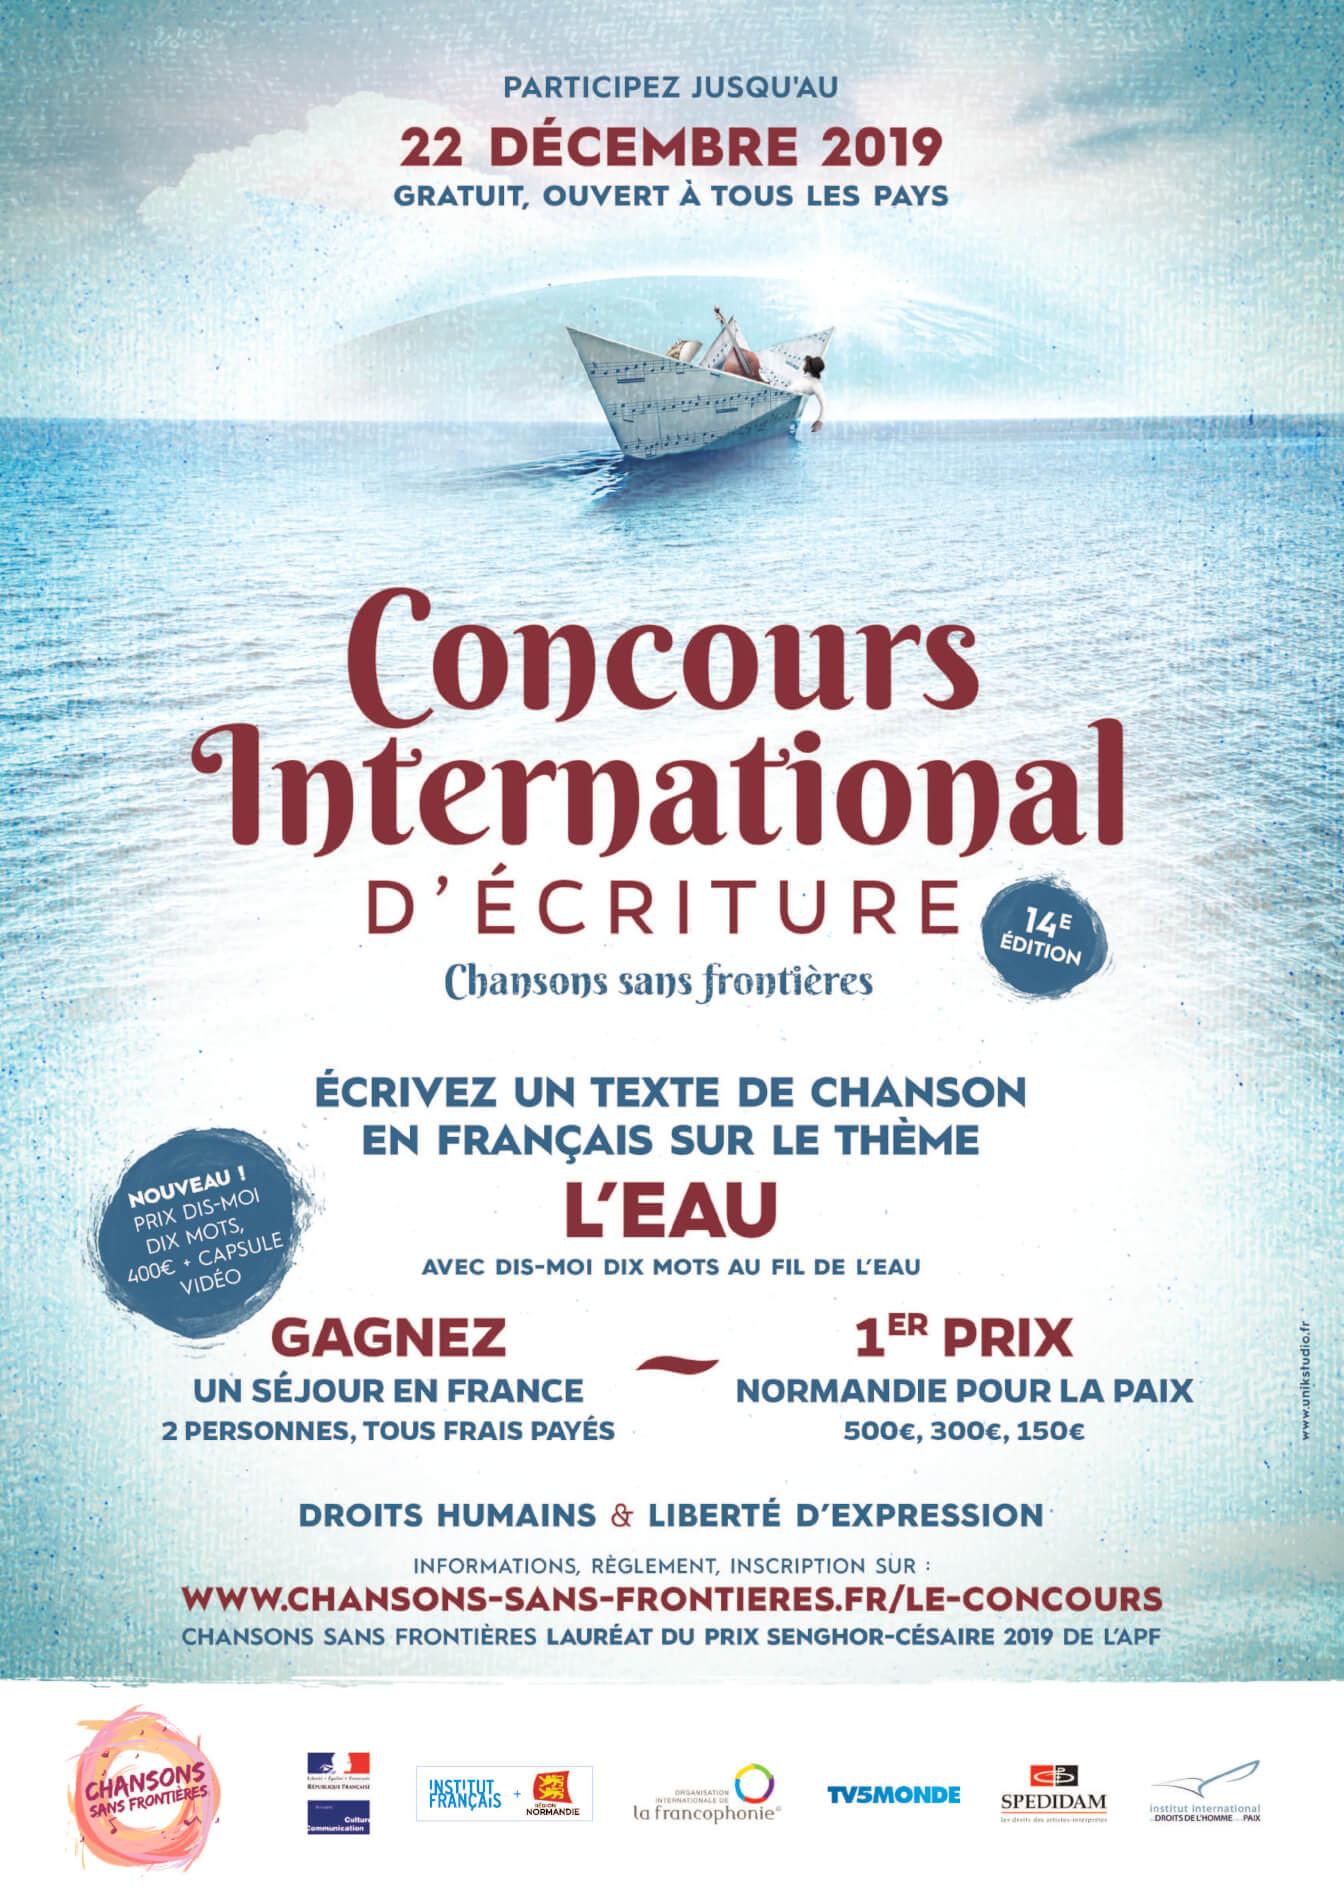 CONCOURS INTERNATIONAL D'ÉCRITURE